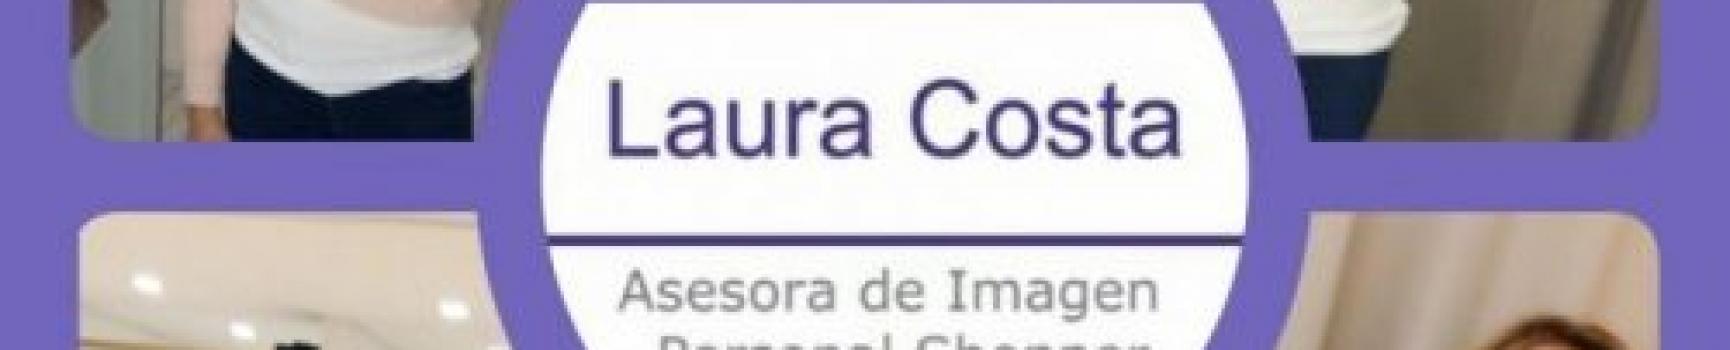 COMENÇA L'ANY AMB LA TEVA MILLOR IMATGE